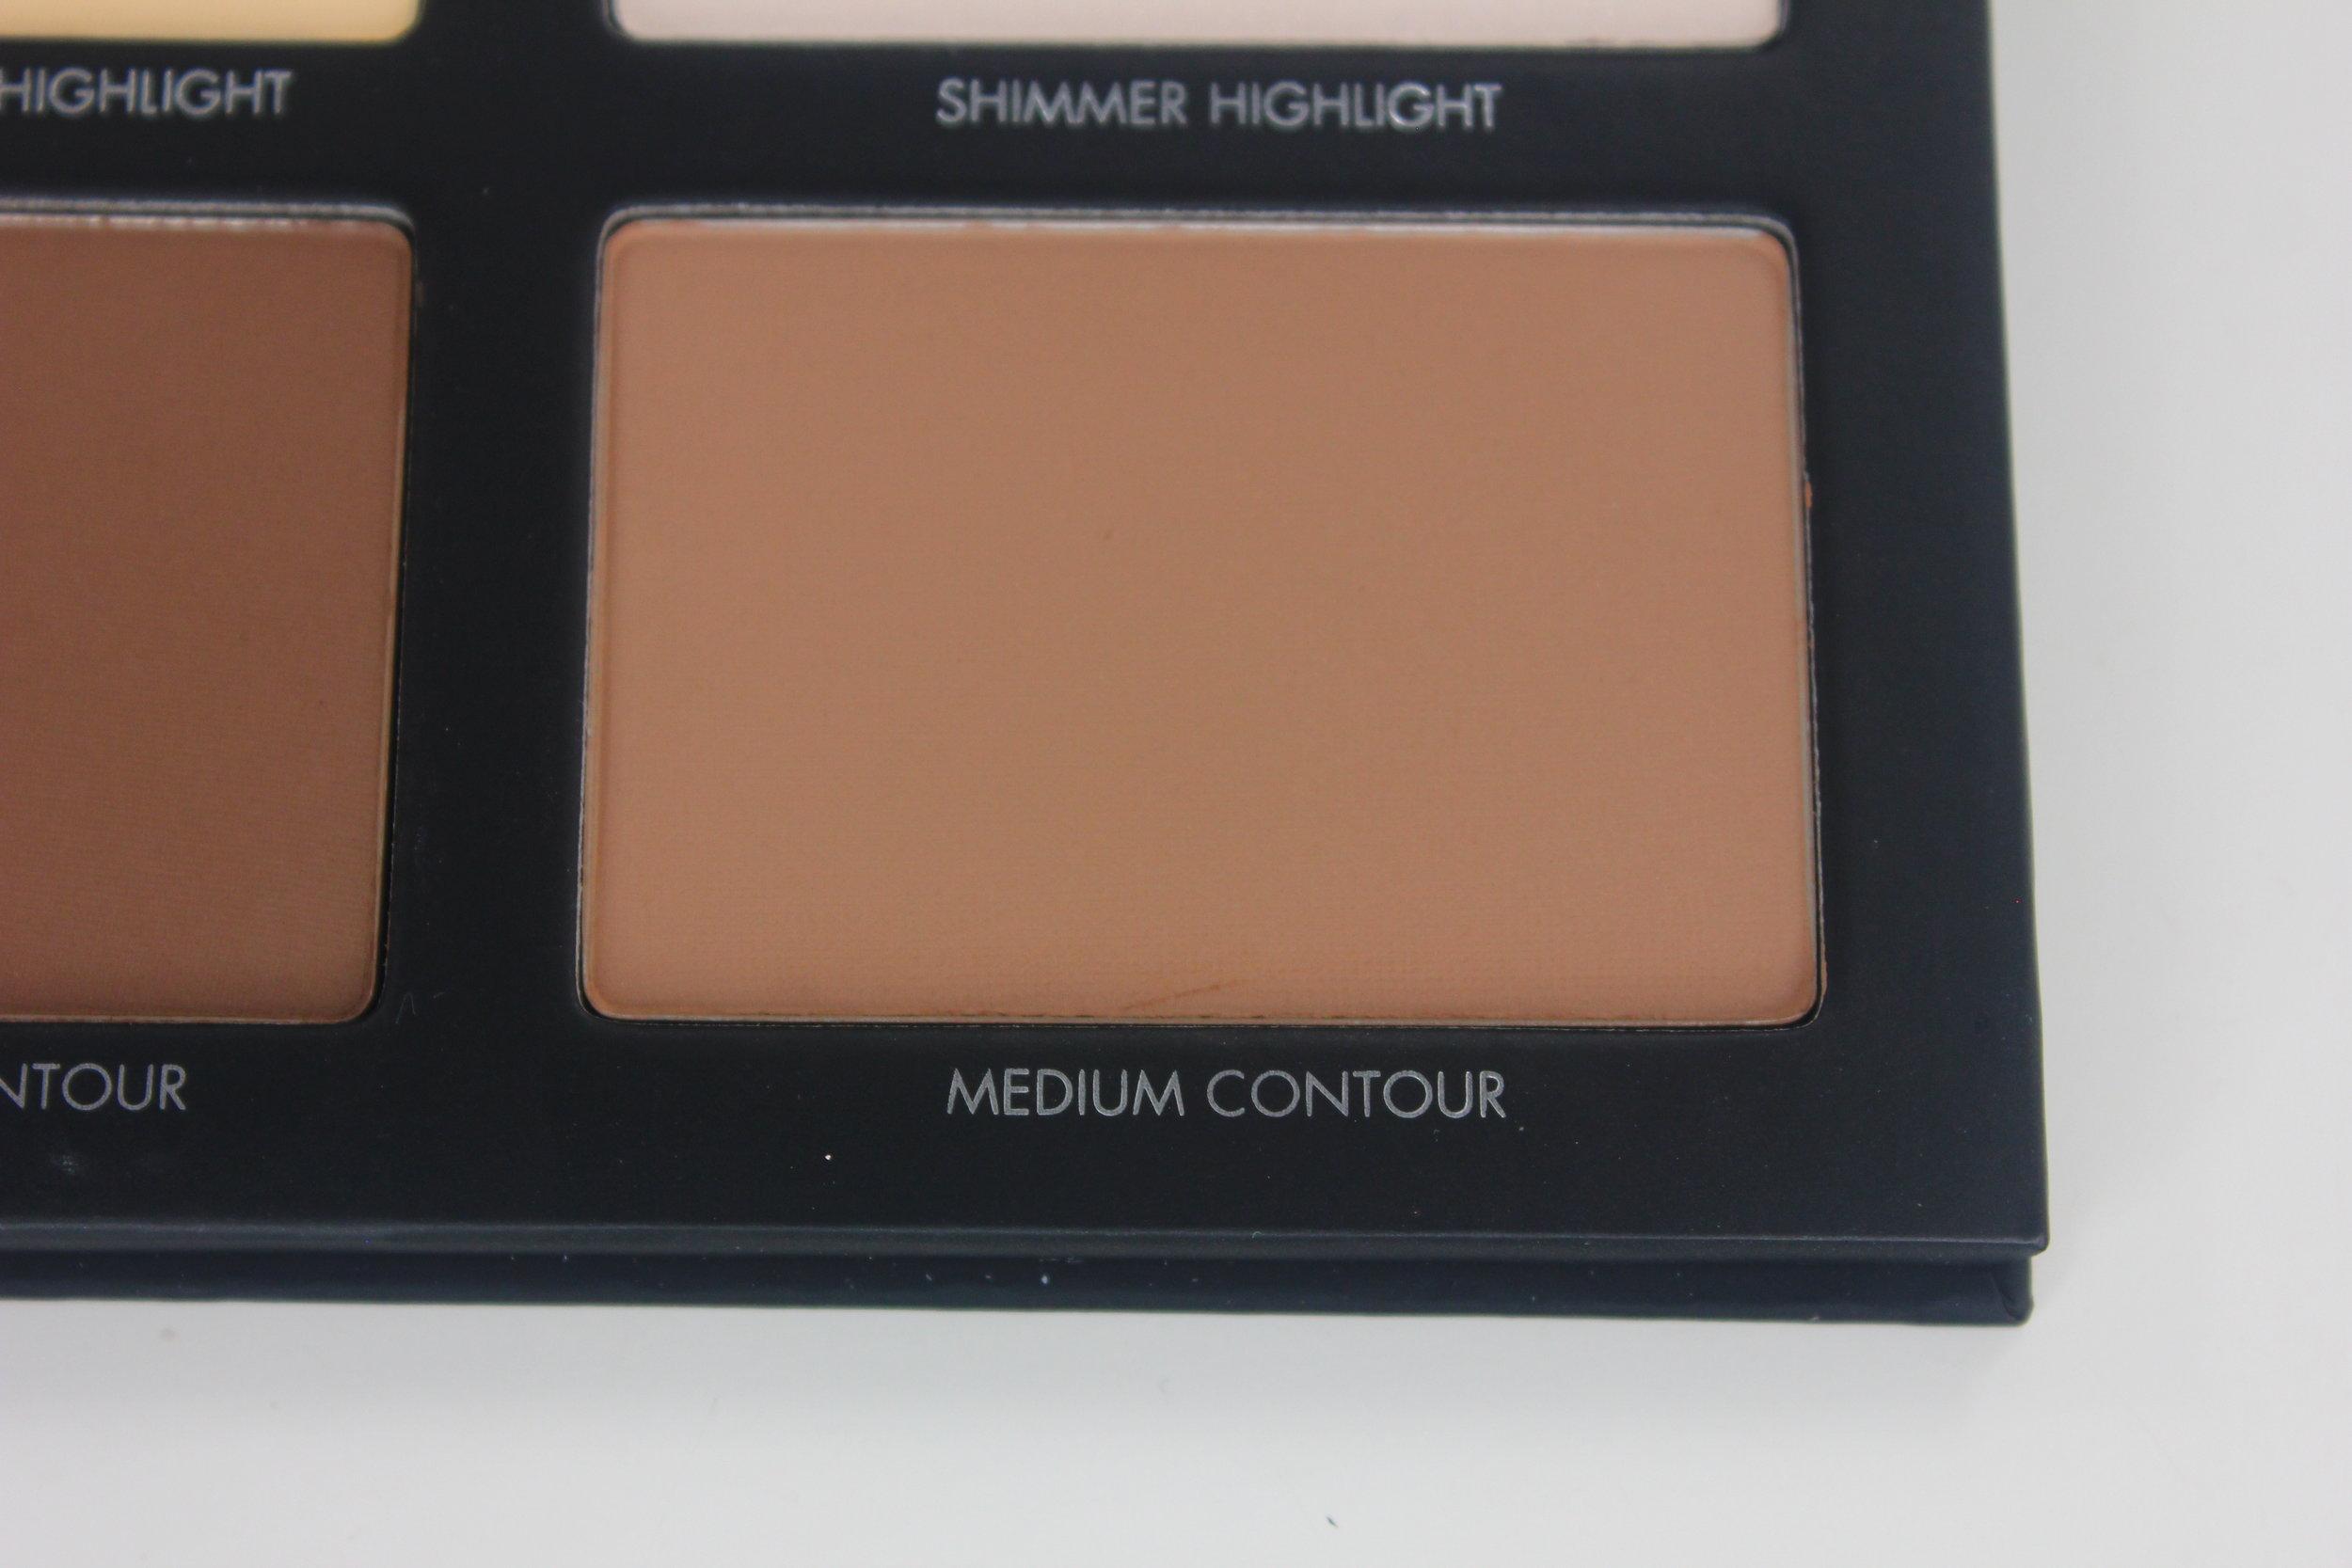 Lorac Pro Contour Palette - Medium Contour Swatch 1